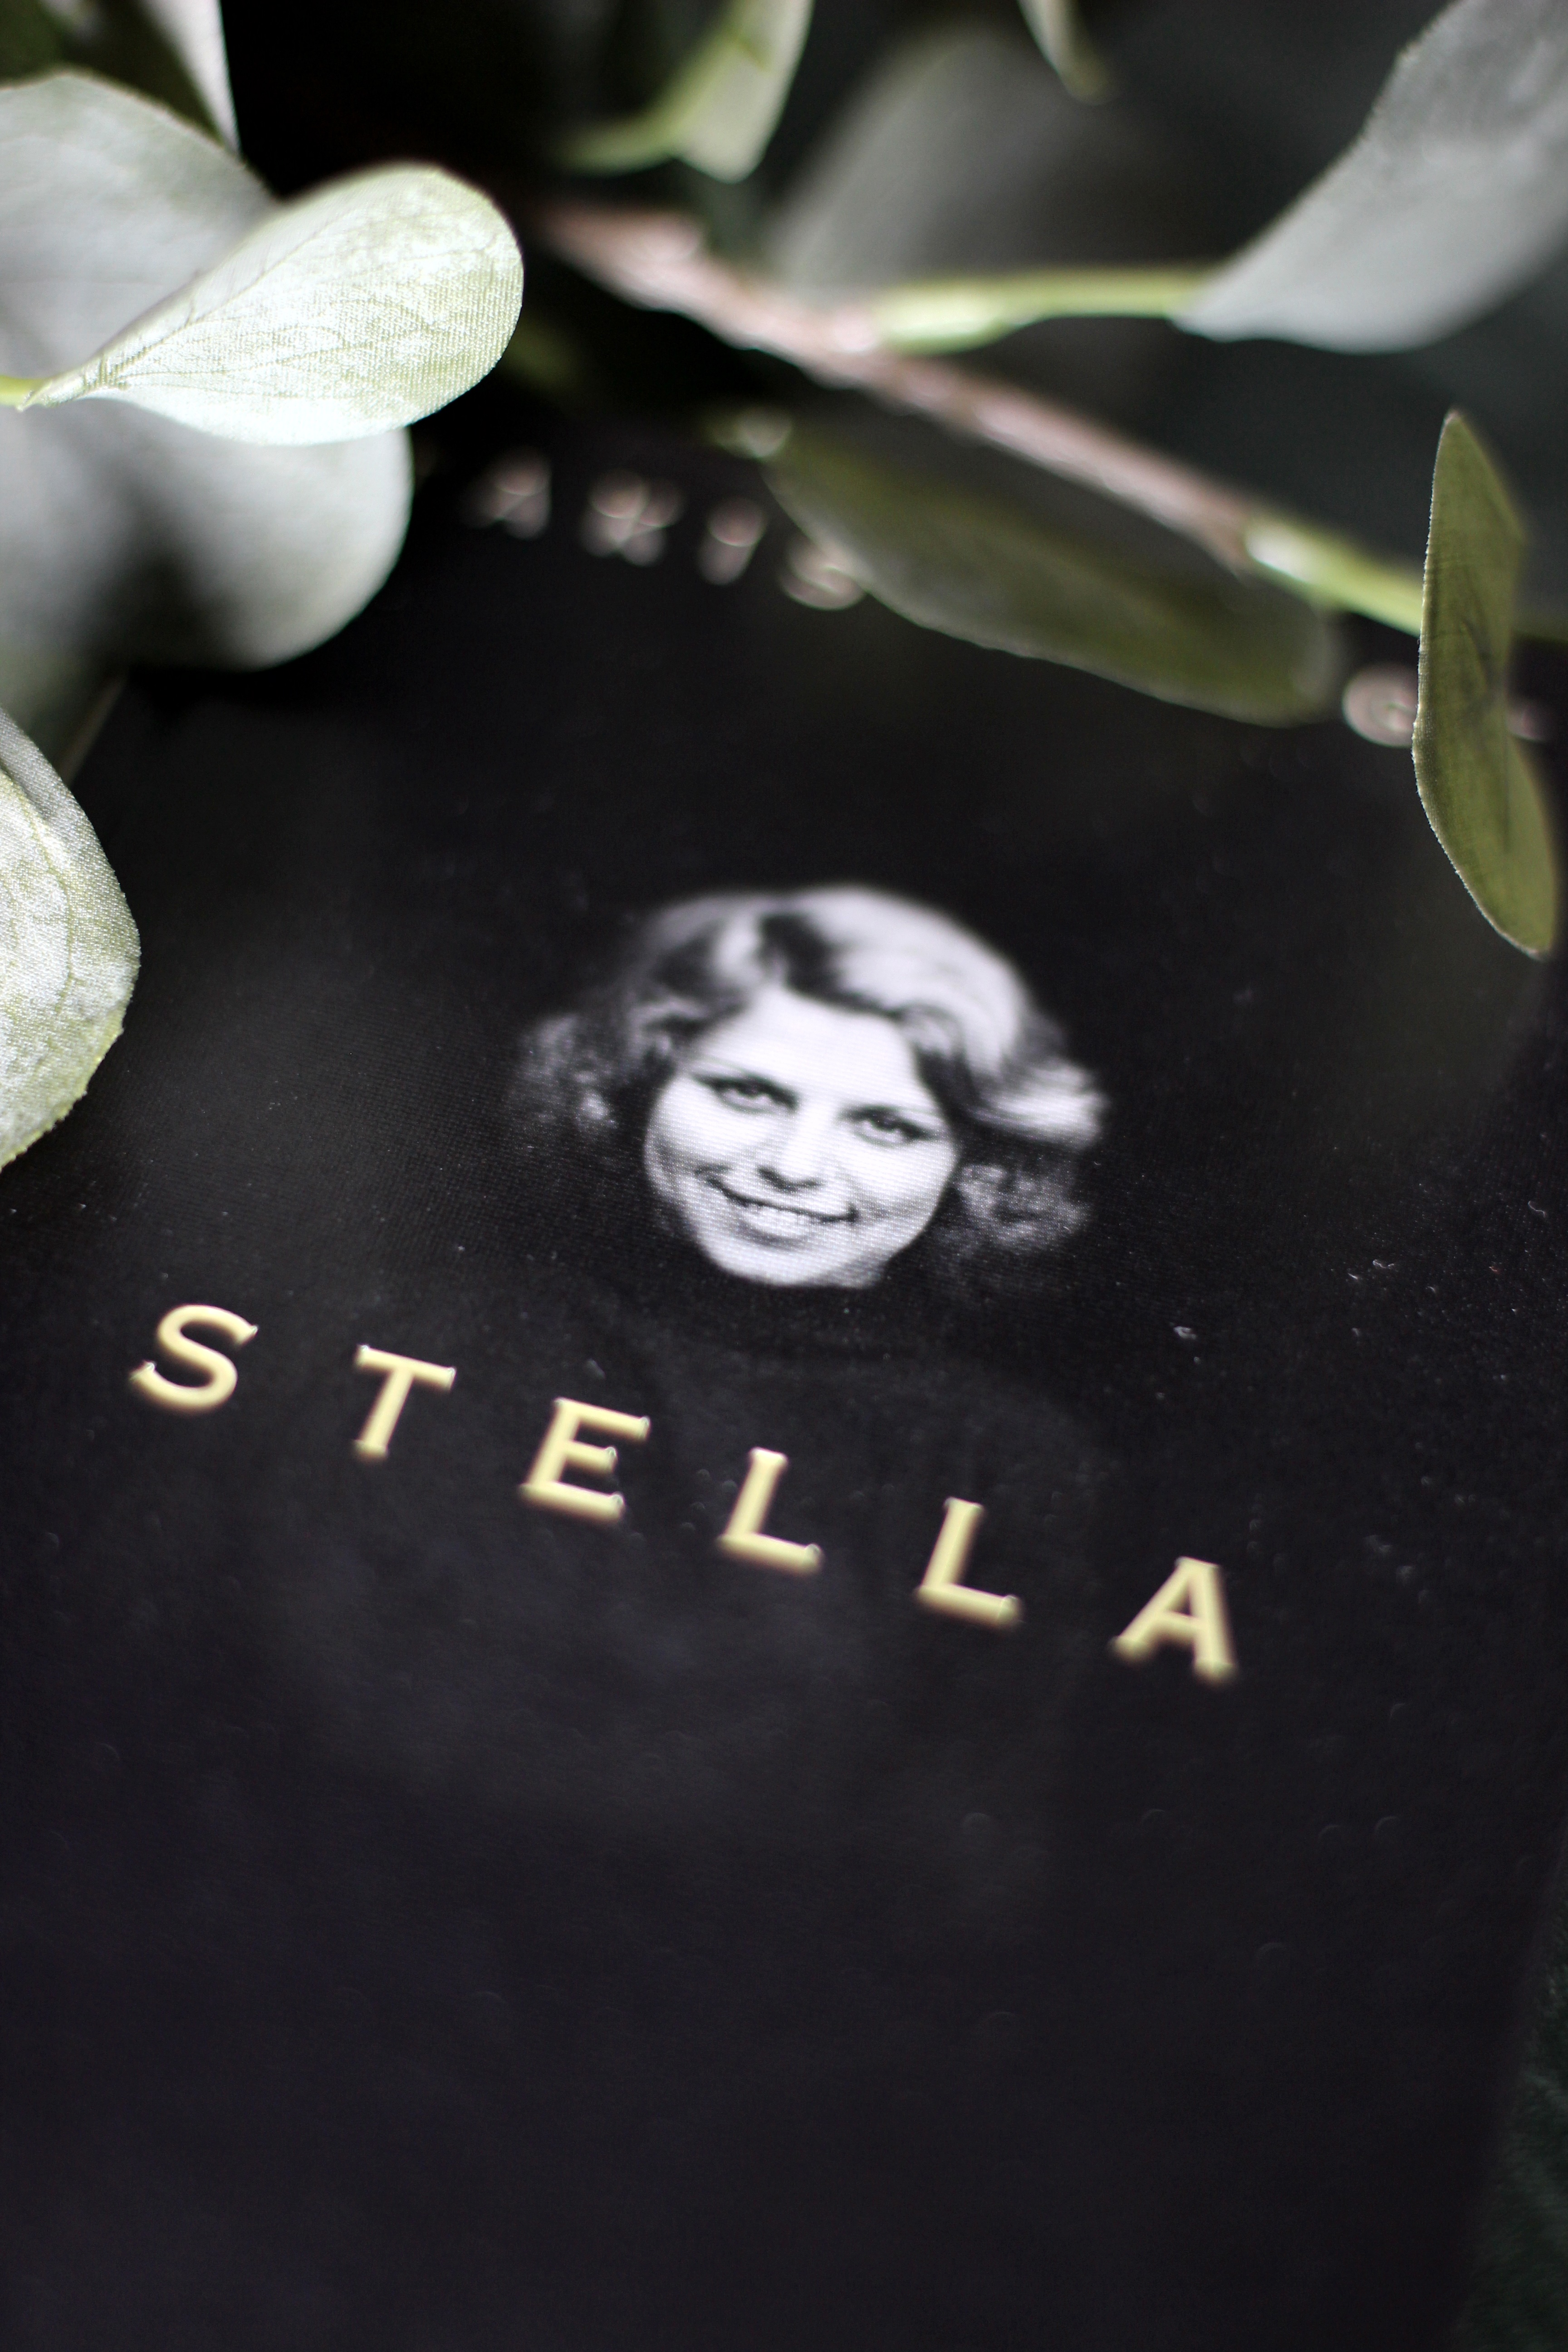 Rezension Stella von Takis Würger